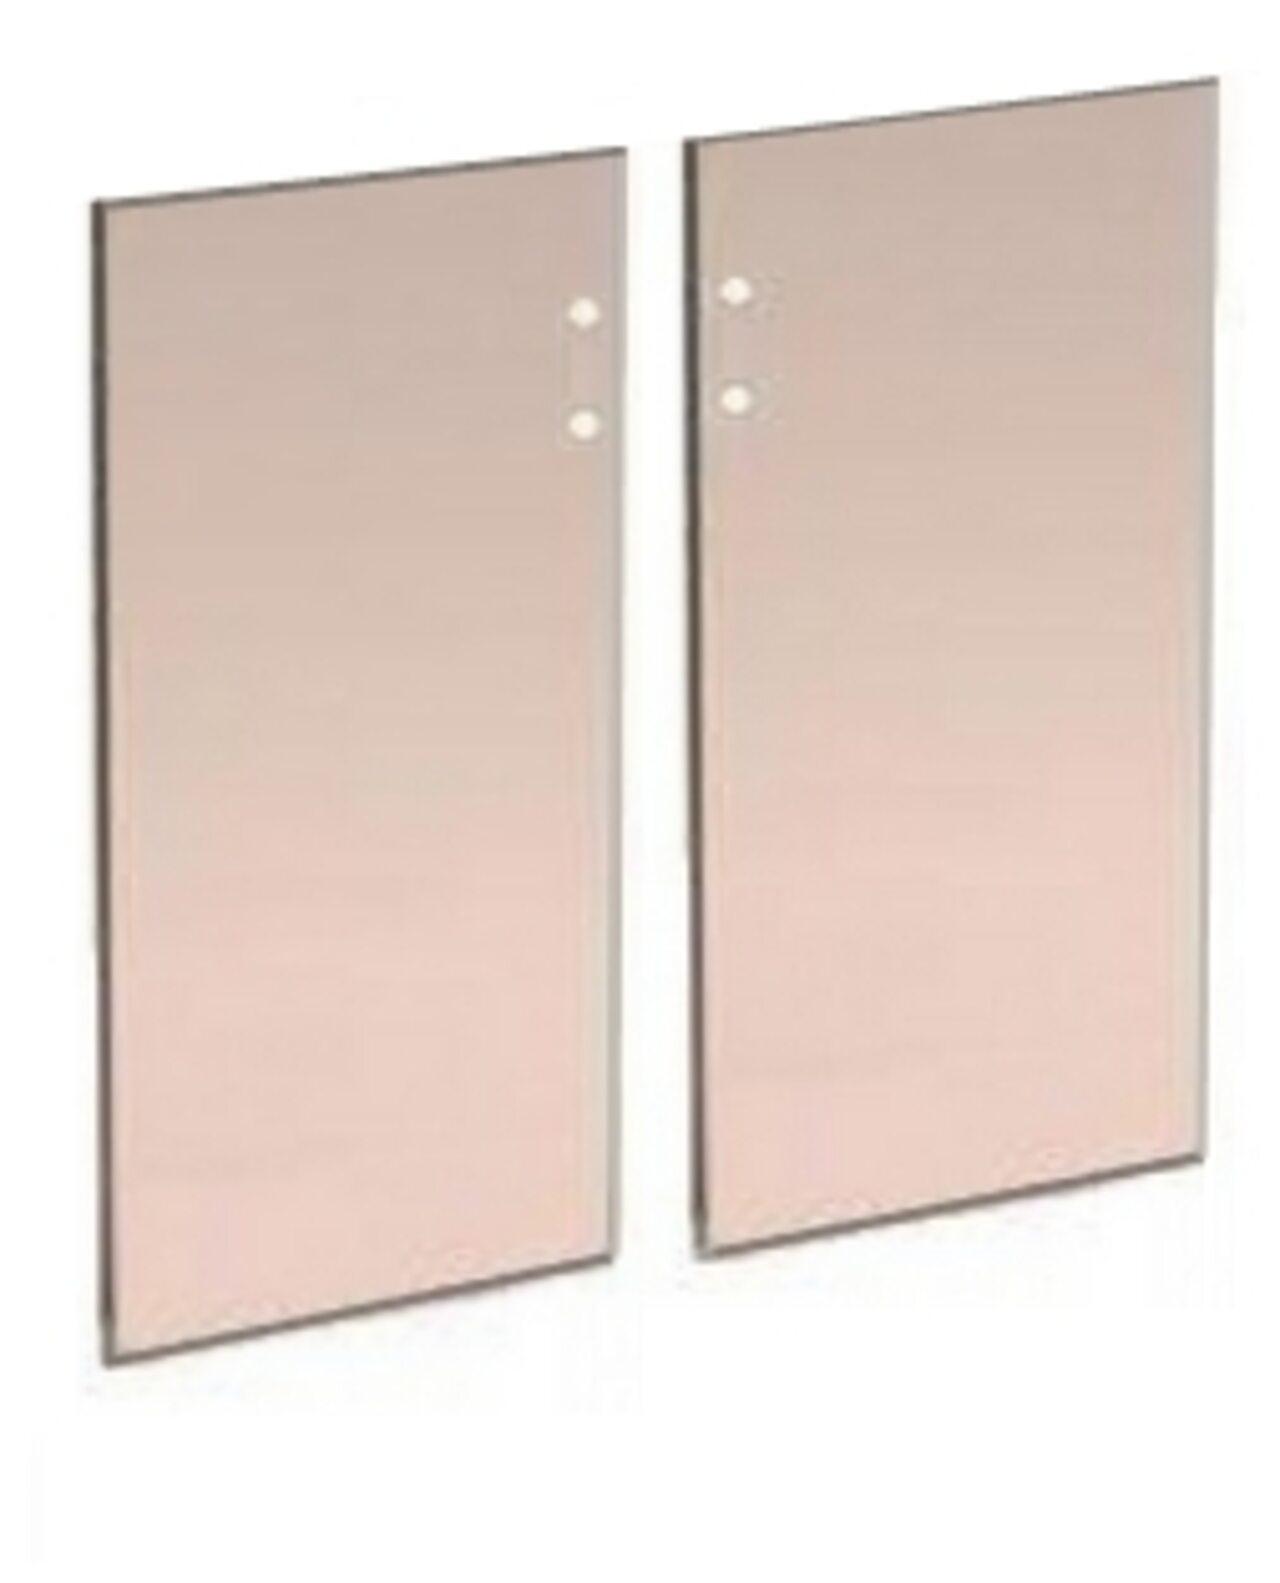 Тонированные стекла низких дверей  Консул-ЛАК  - фото 1